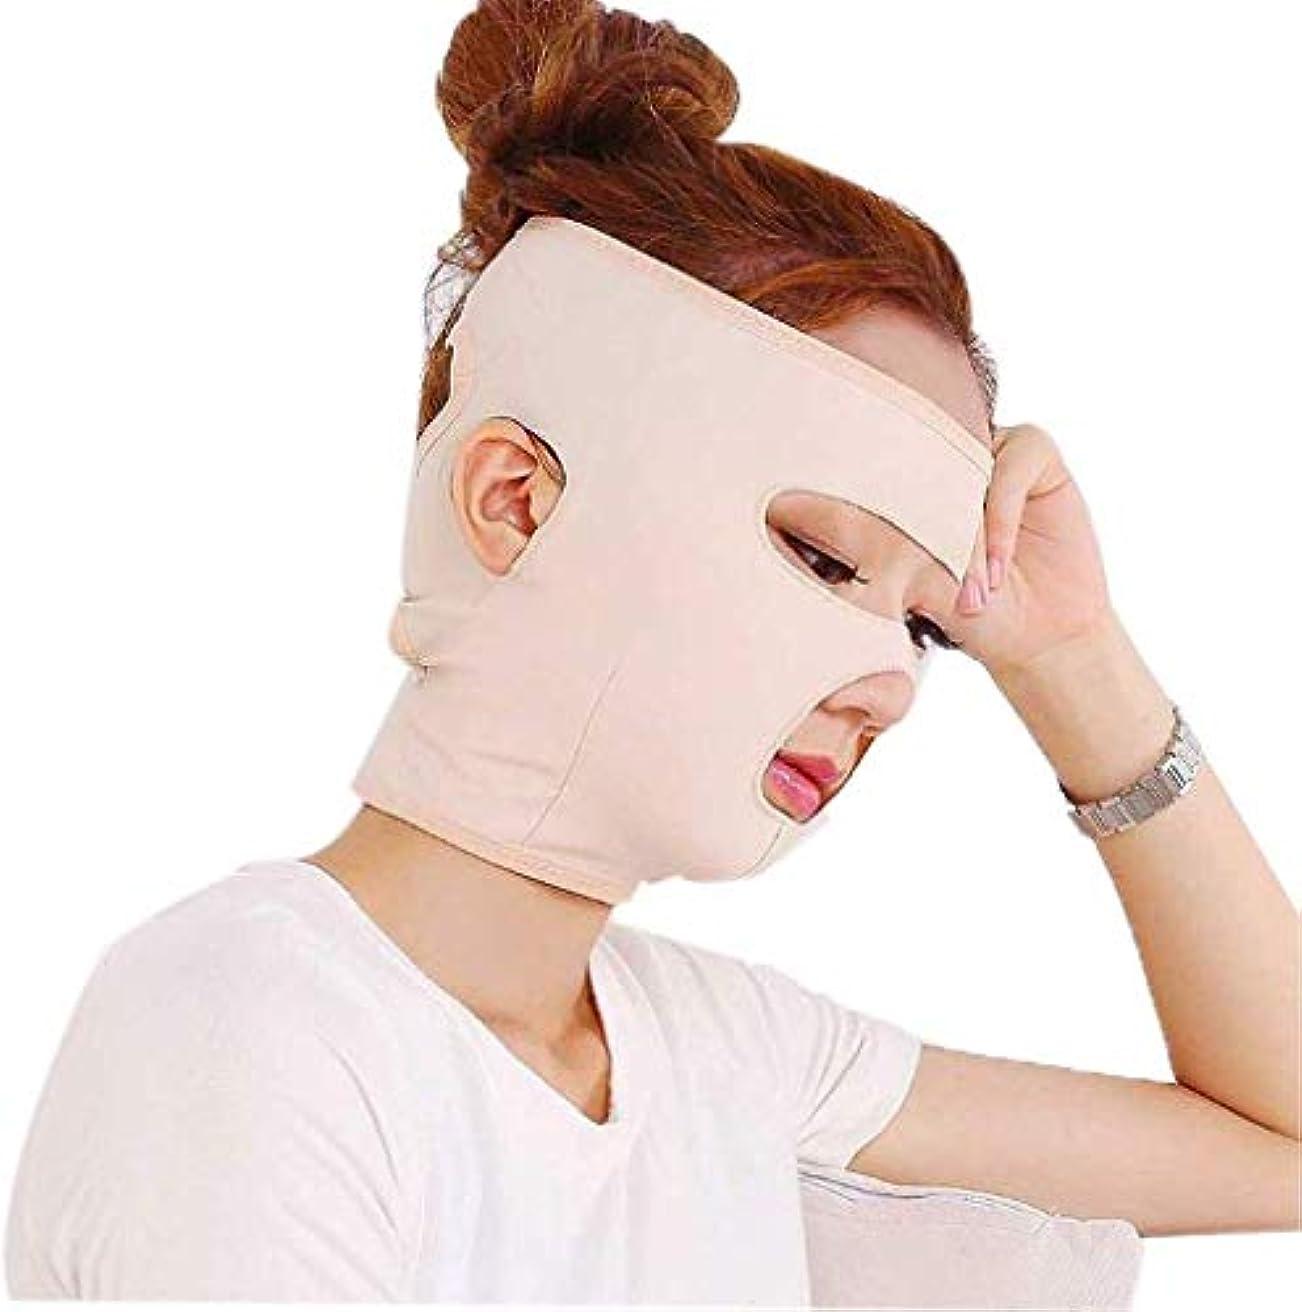 ようこそ仲良しハンバーガー美しさと実用的なフルフェイスタイプ通気性ライン、彫刻後、顔の包帯、薄いVフェイスマスク、リフティングファーミング、ロー、パターンアーティファクト(サイズ:M)